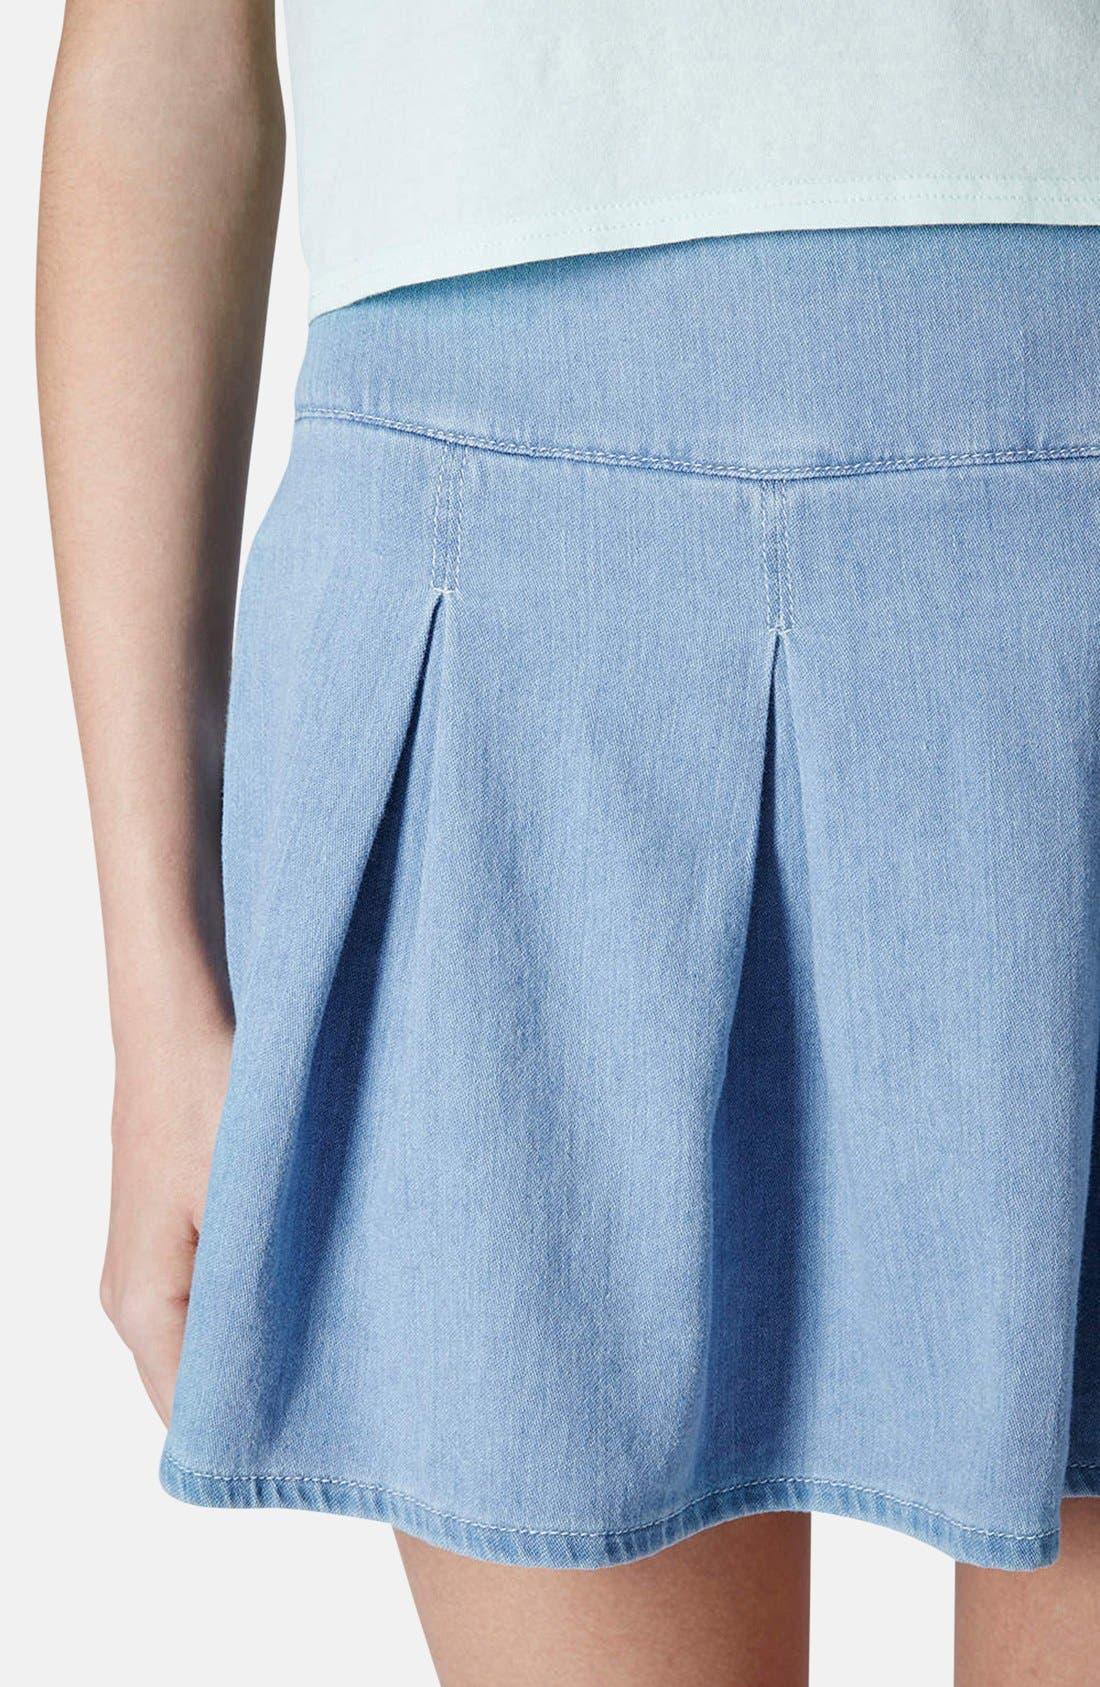 Moto Pleat Denim Skirt,                             Alternate thumbnail 3, color,                             400